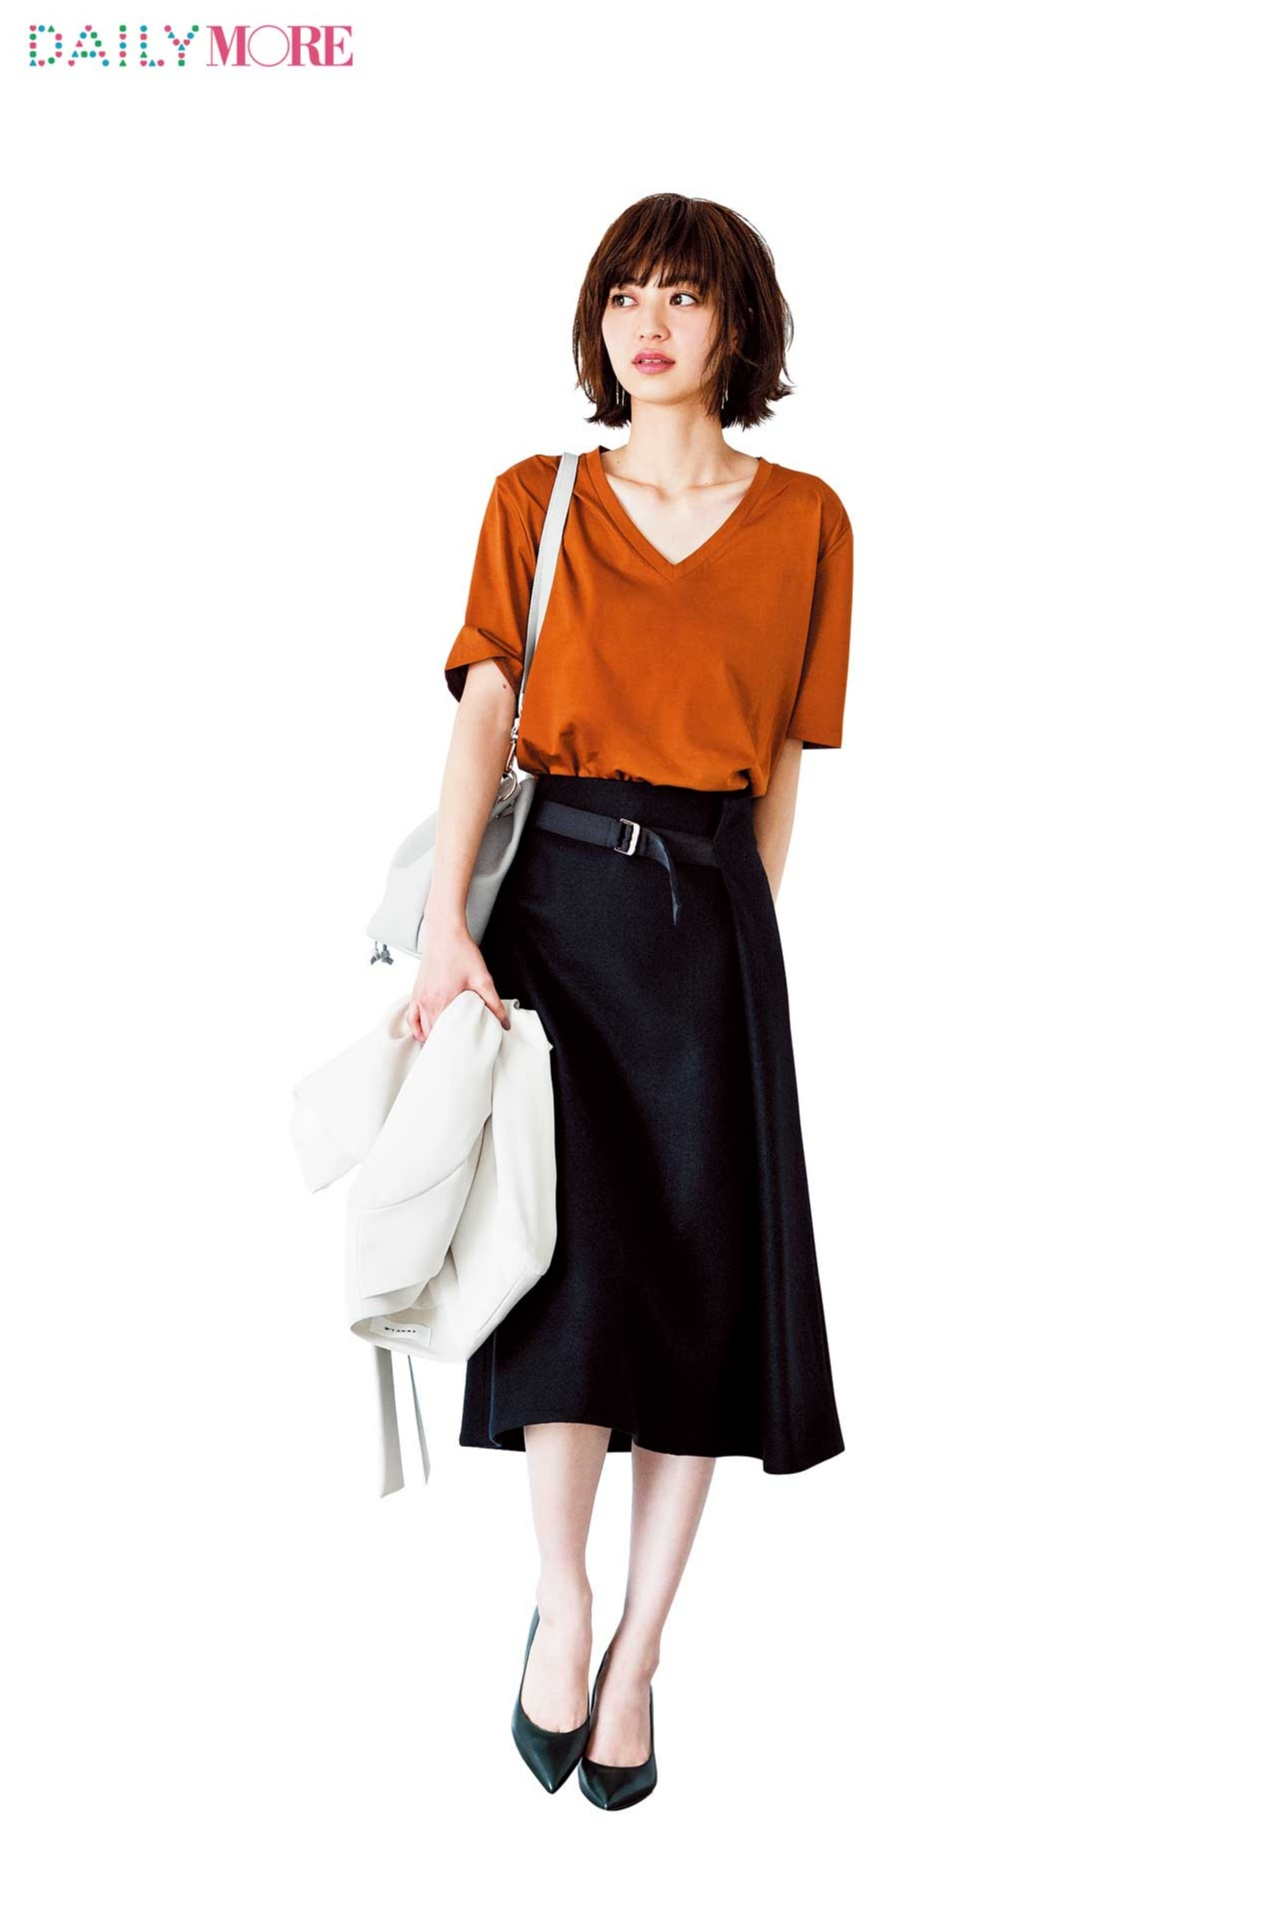 【今日のコーデ/逢沢りな】Tシャツコーデを一新したい金曜日は最旬ラップスカートで格上げ!_1